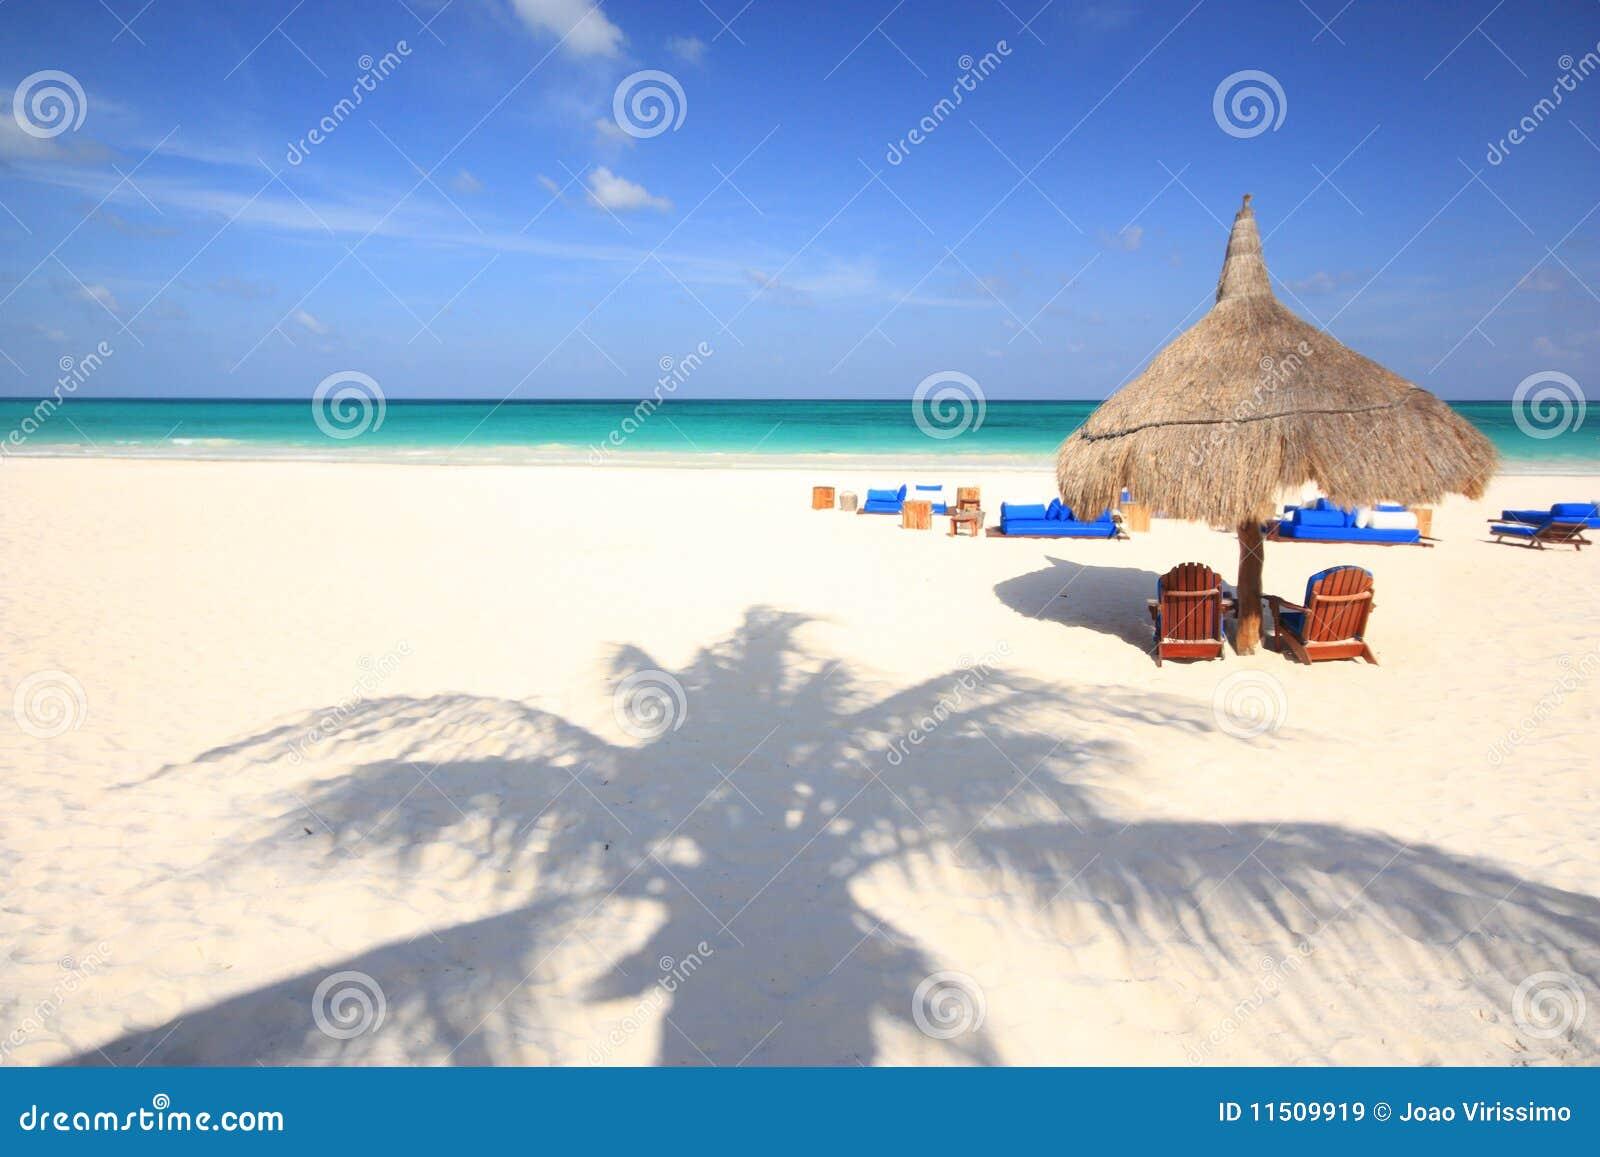 De schaduw van de palm op strand royalty vrije stock afbeeldingen afbeelding 11509919 - Van schaduw dak ...